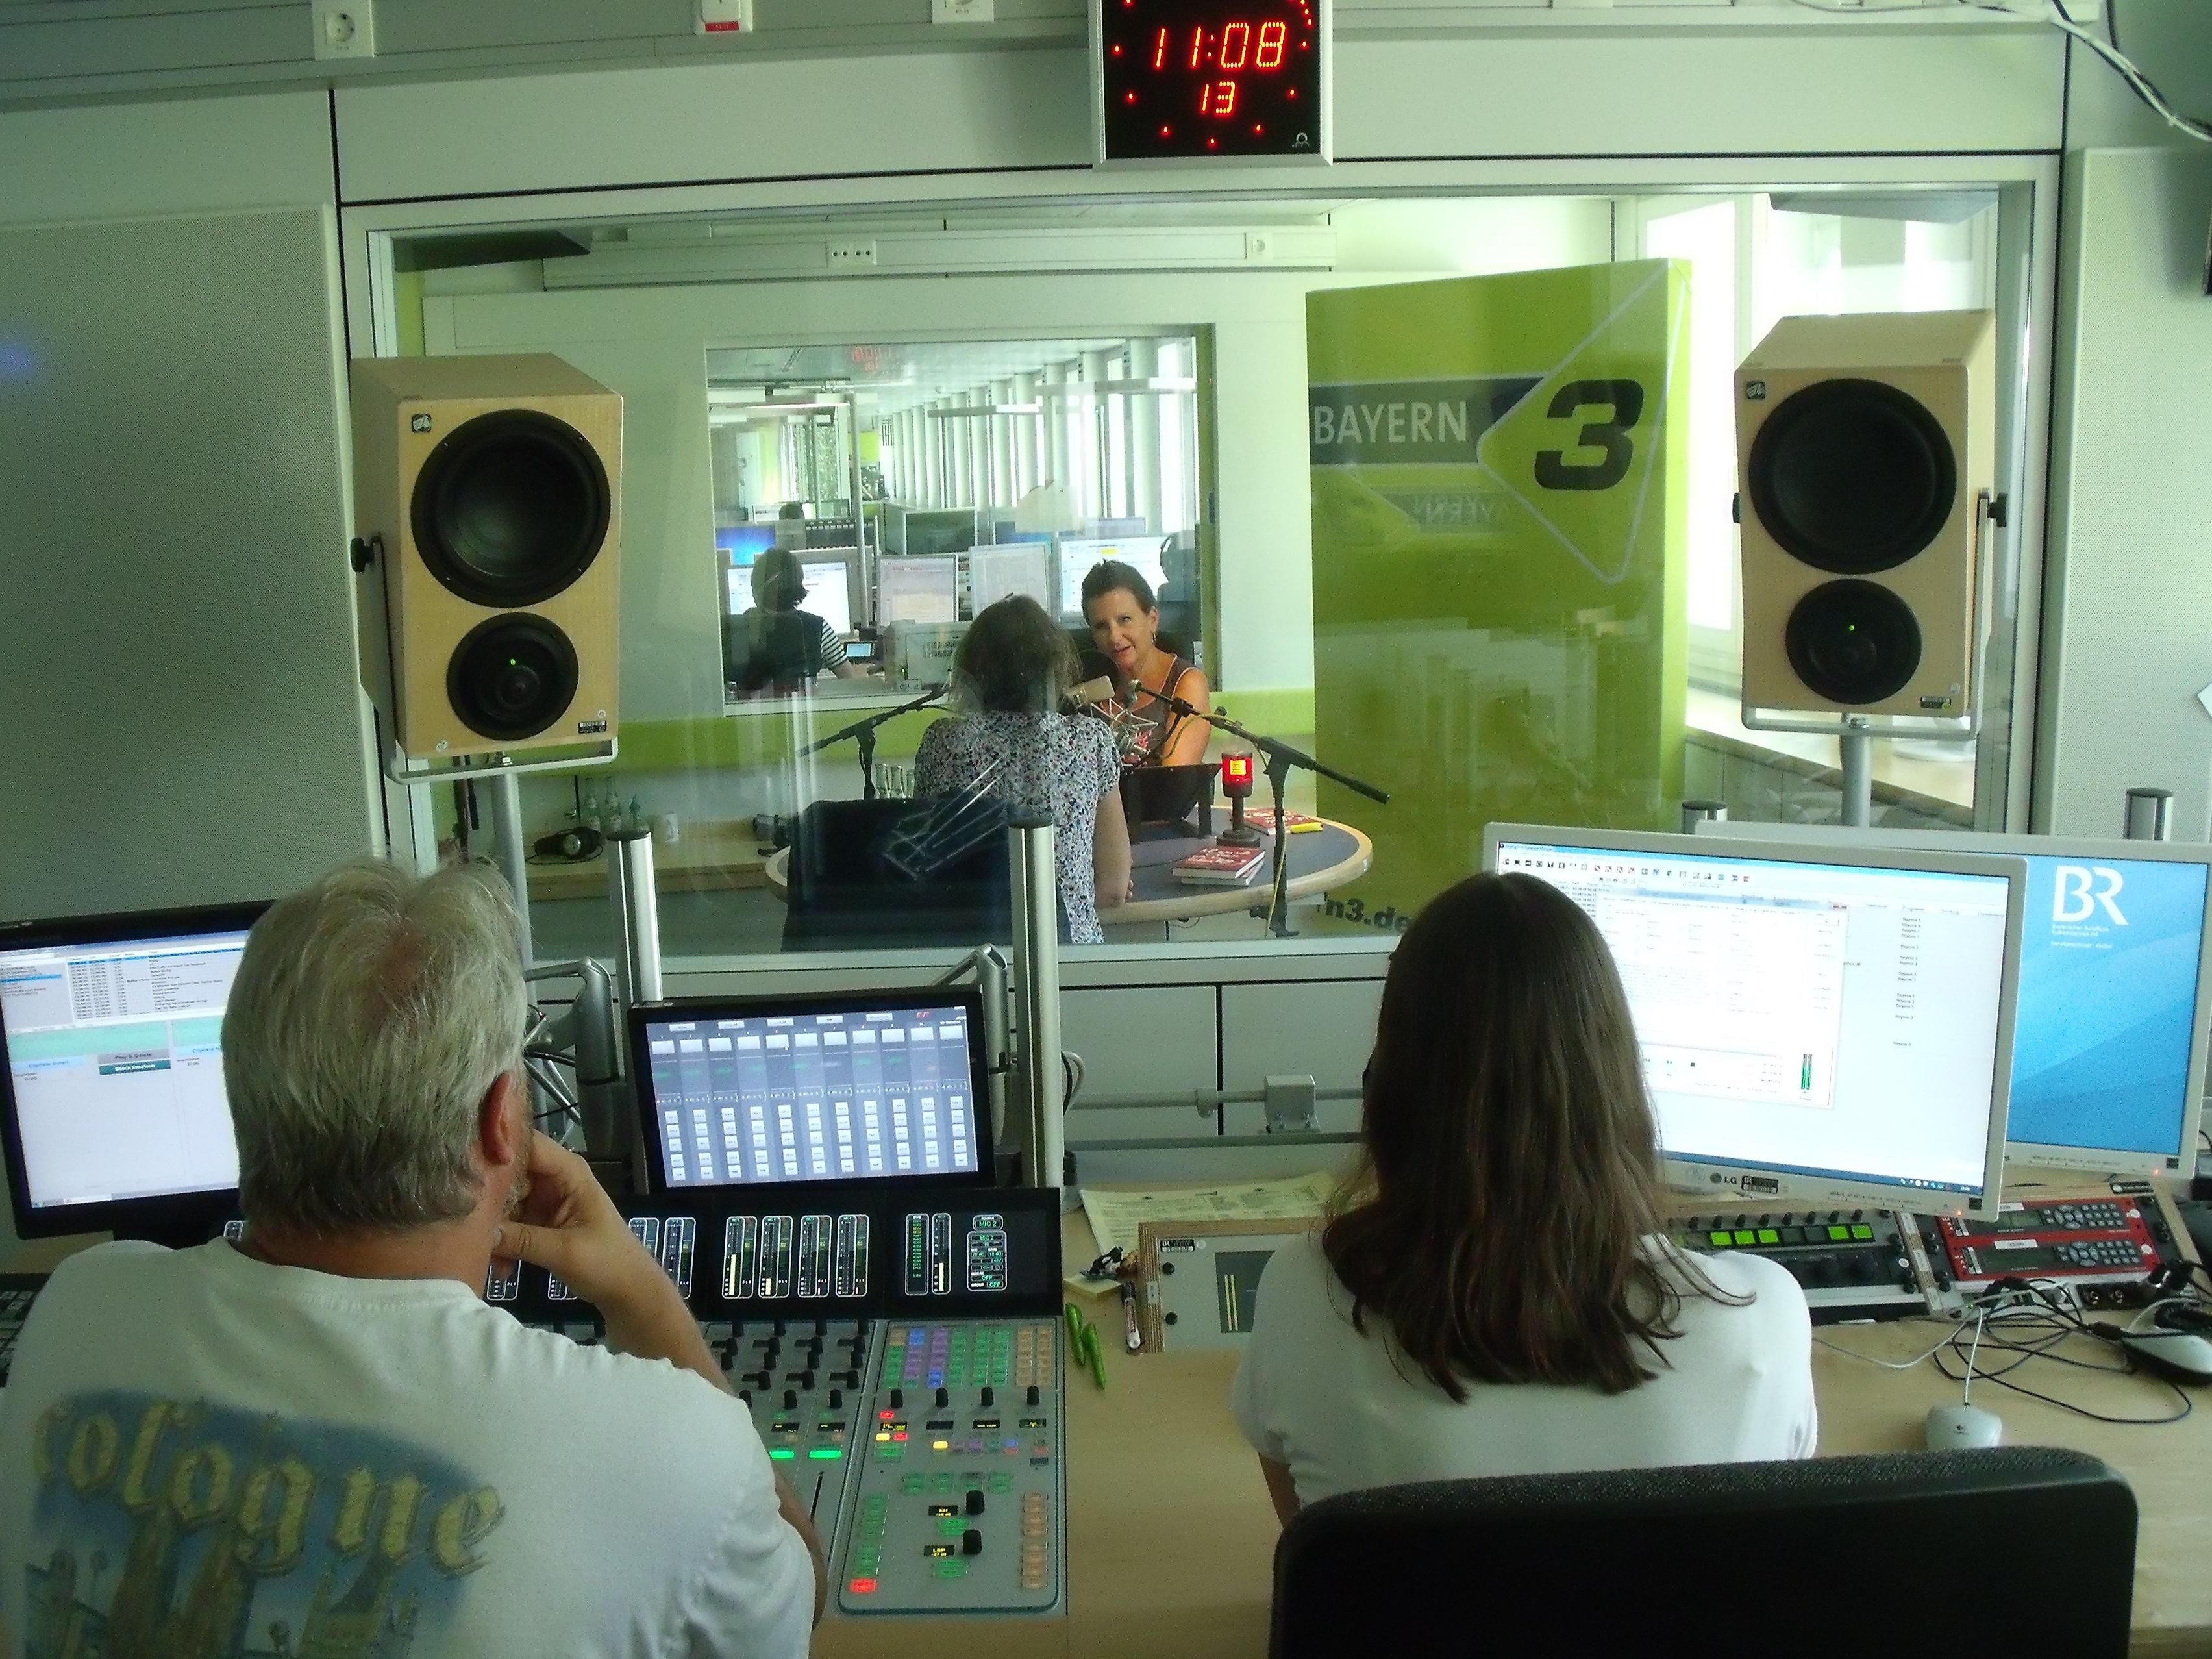 Clown Julchen im Bayern 3 Studio - Mensch Theile